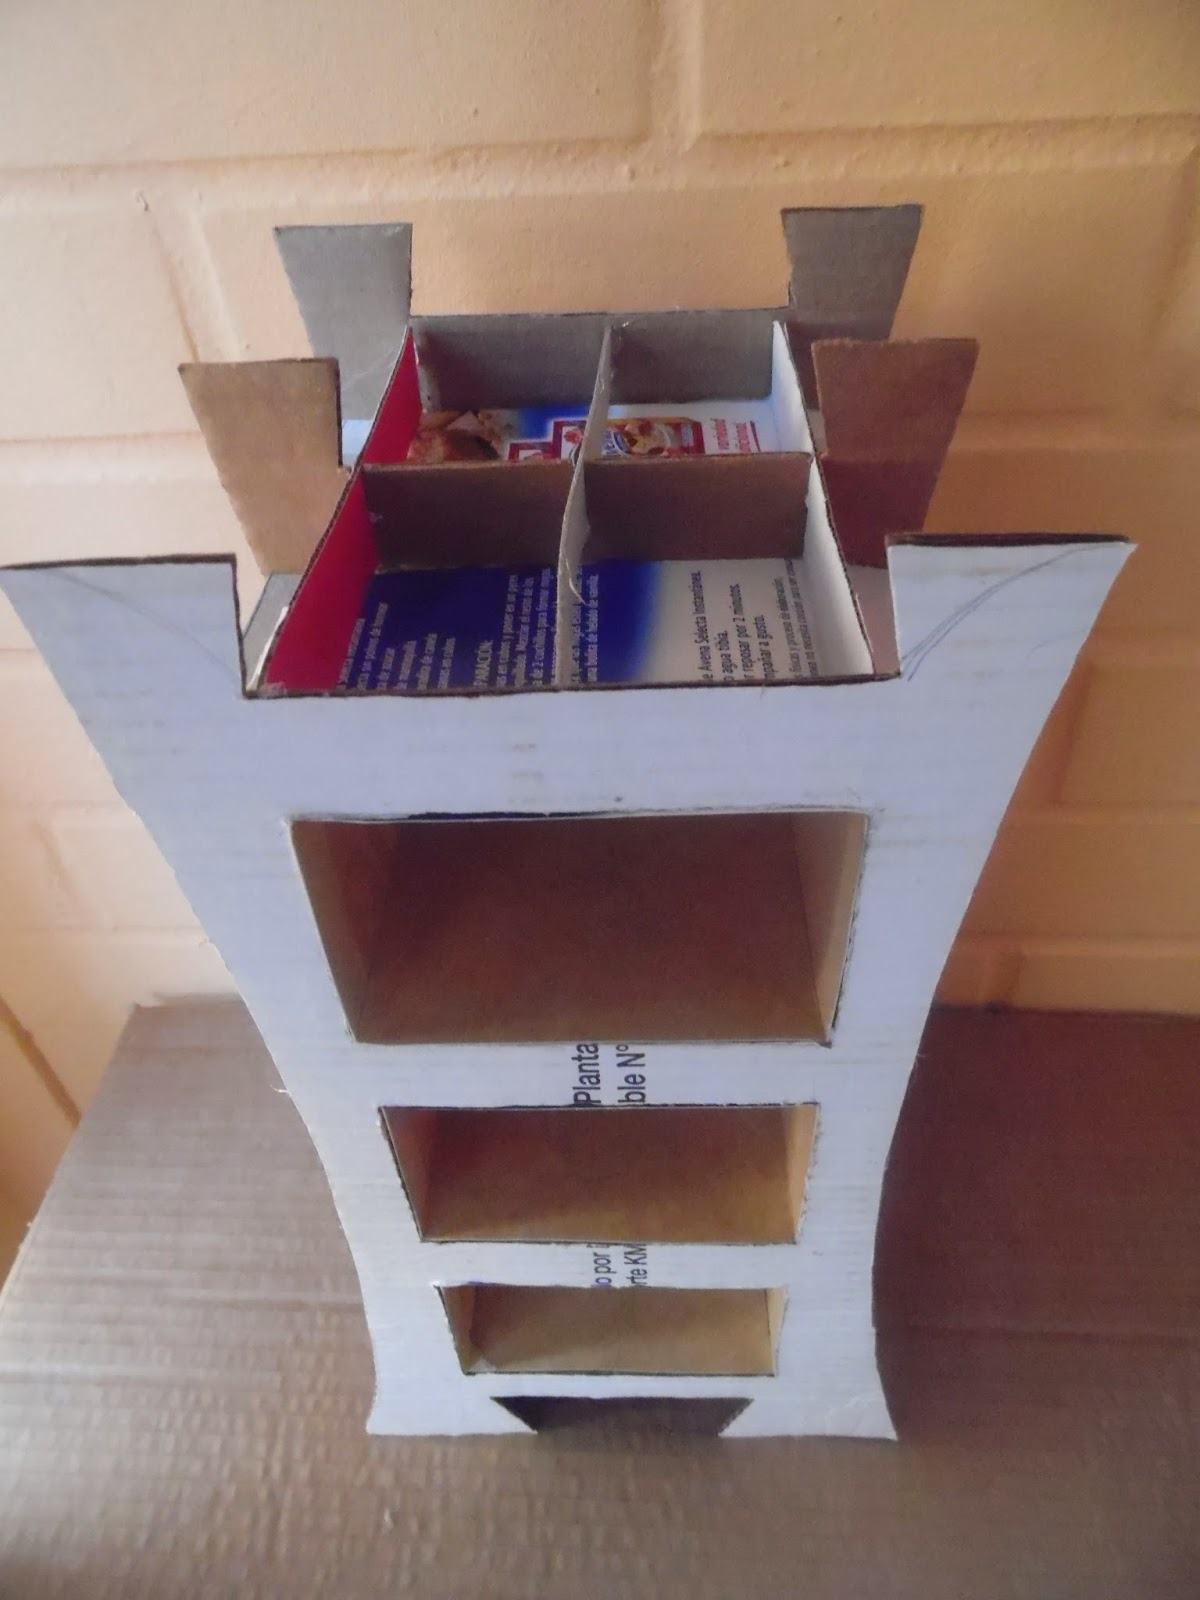 Moldes de muebles de juguete de carton para recortar moldes de muebles de juguete de carton - Muebles de carton ...